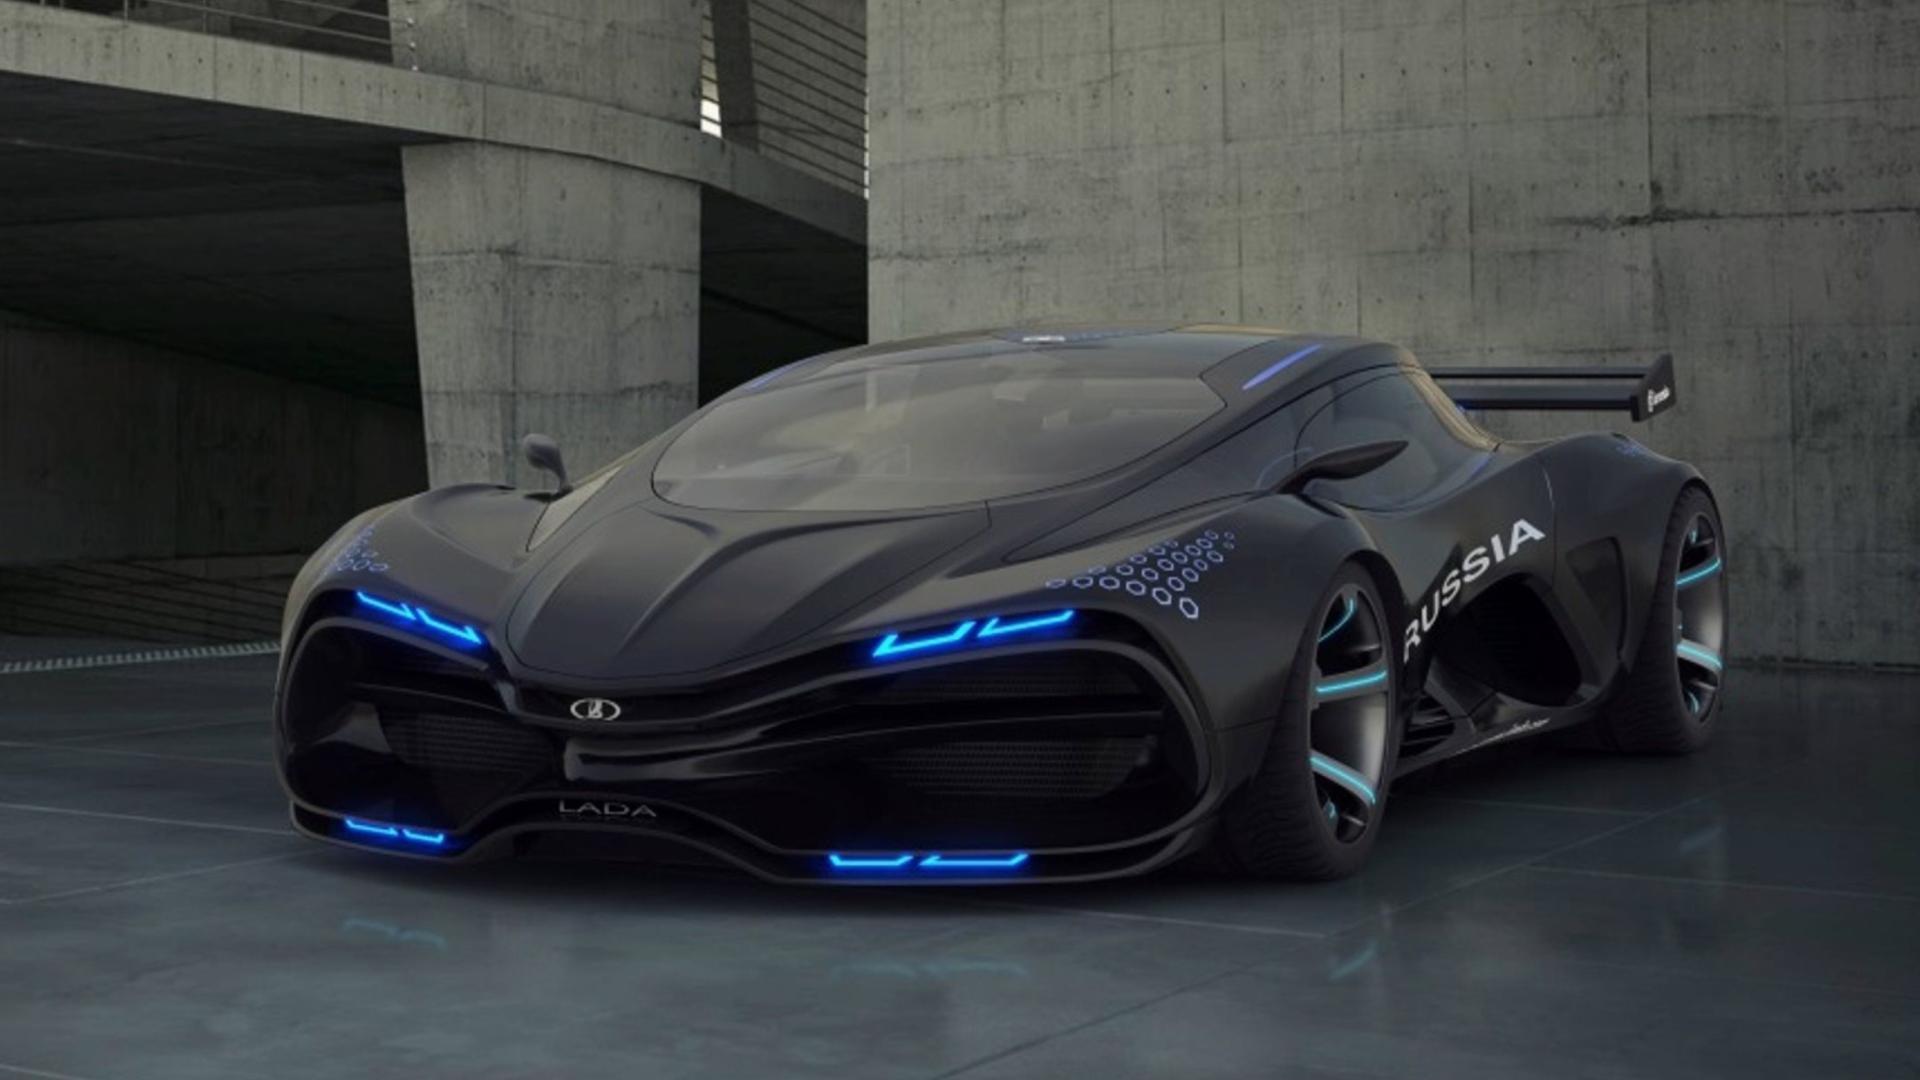 спортивный автомобиль Lada Raven концепт без регистрации